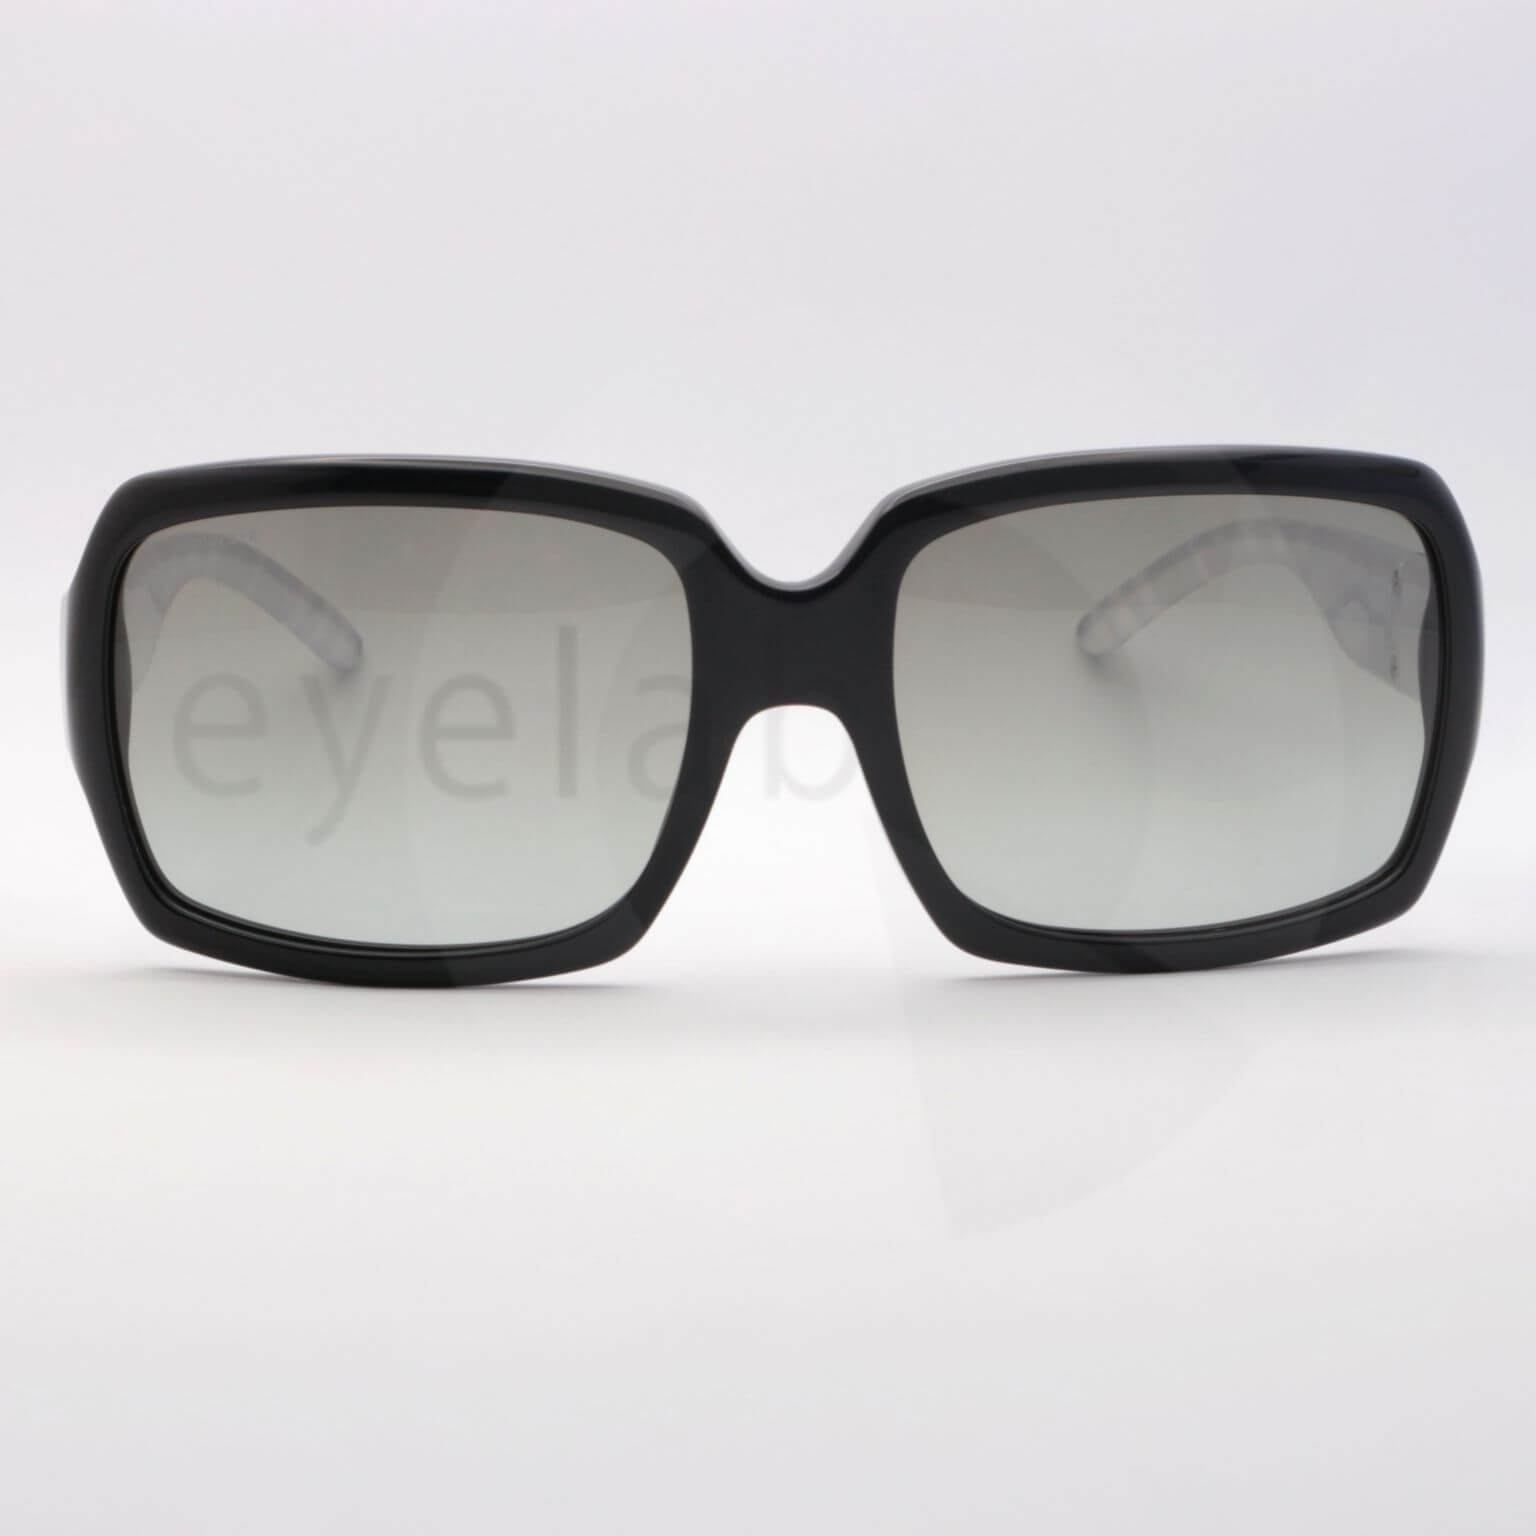 Γυαλιά ηλίου Burberry 4076 316711 ~ Eyelab aed679d77de